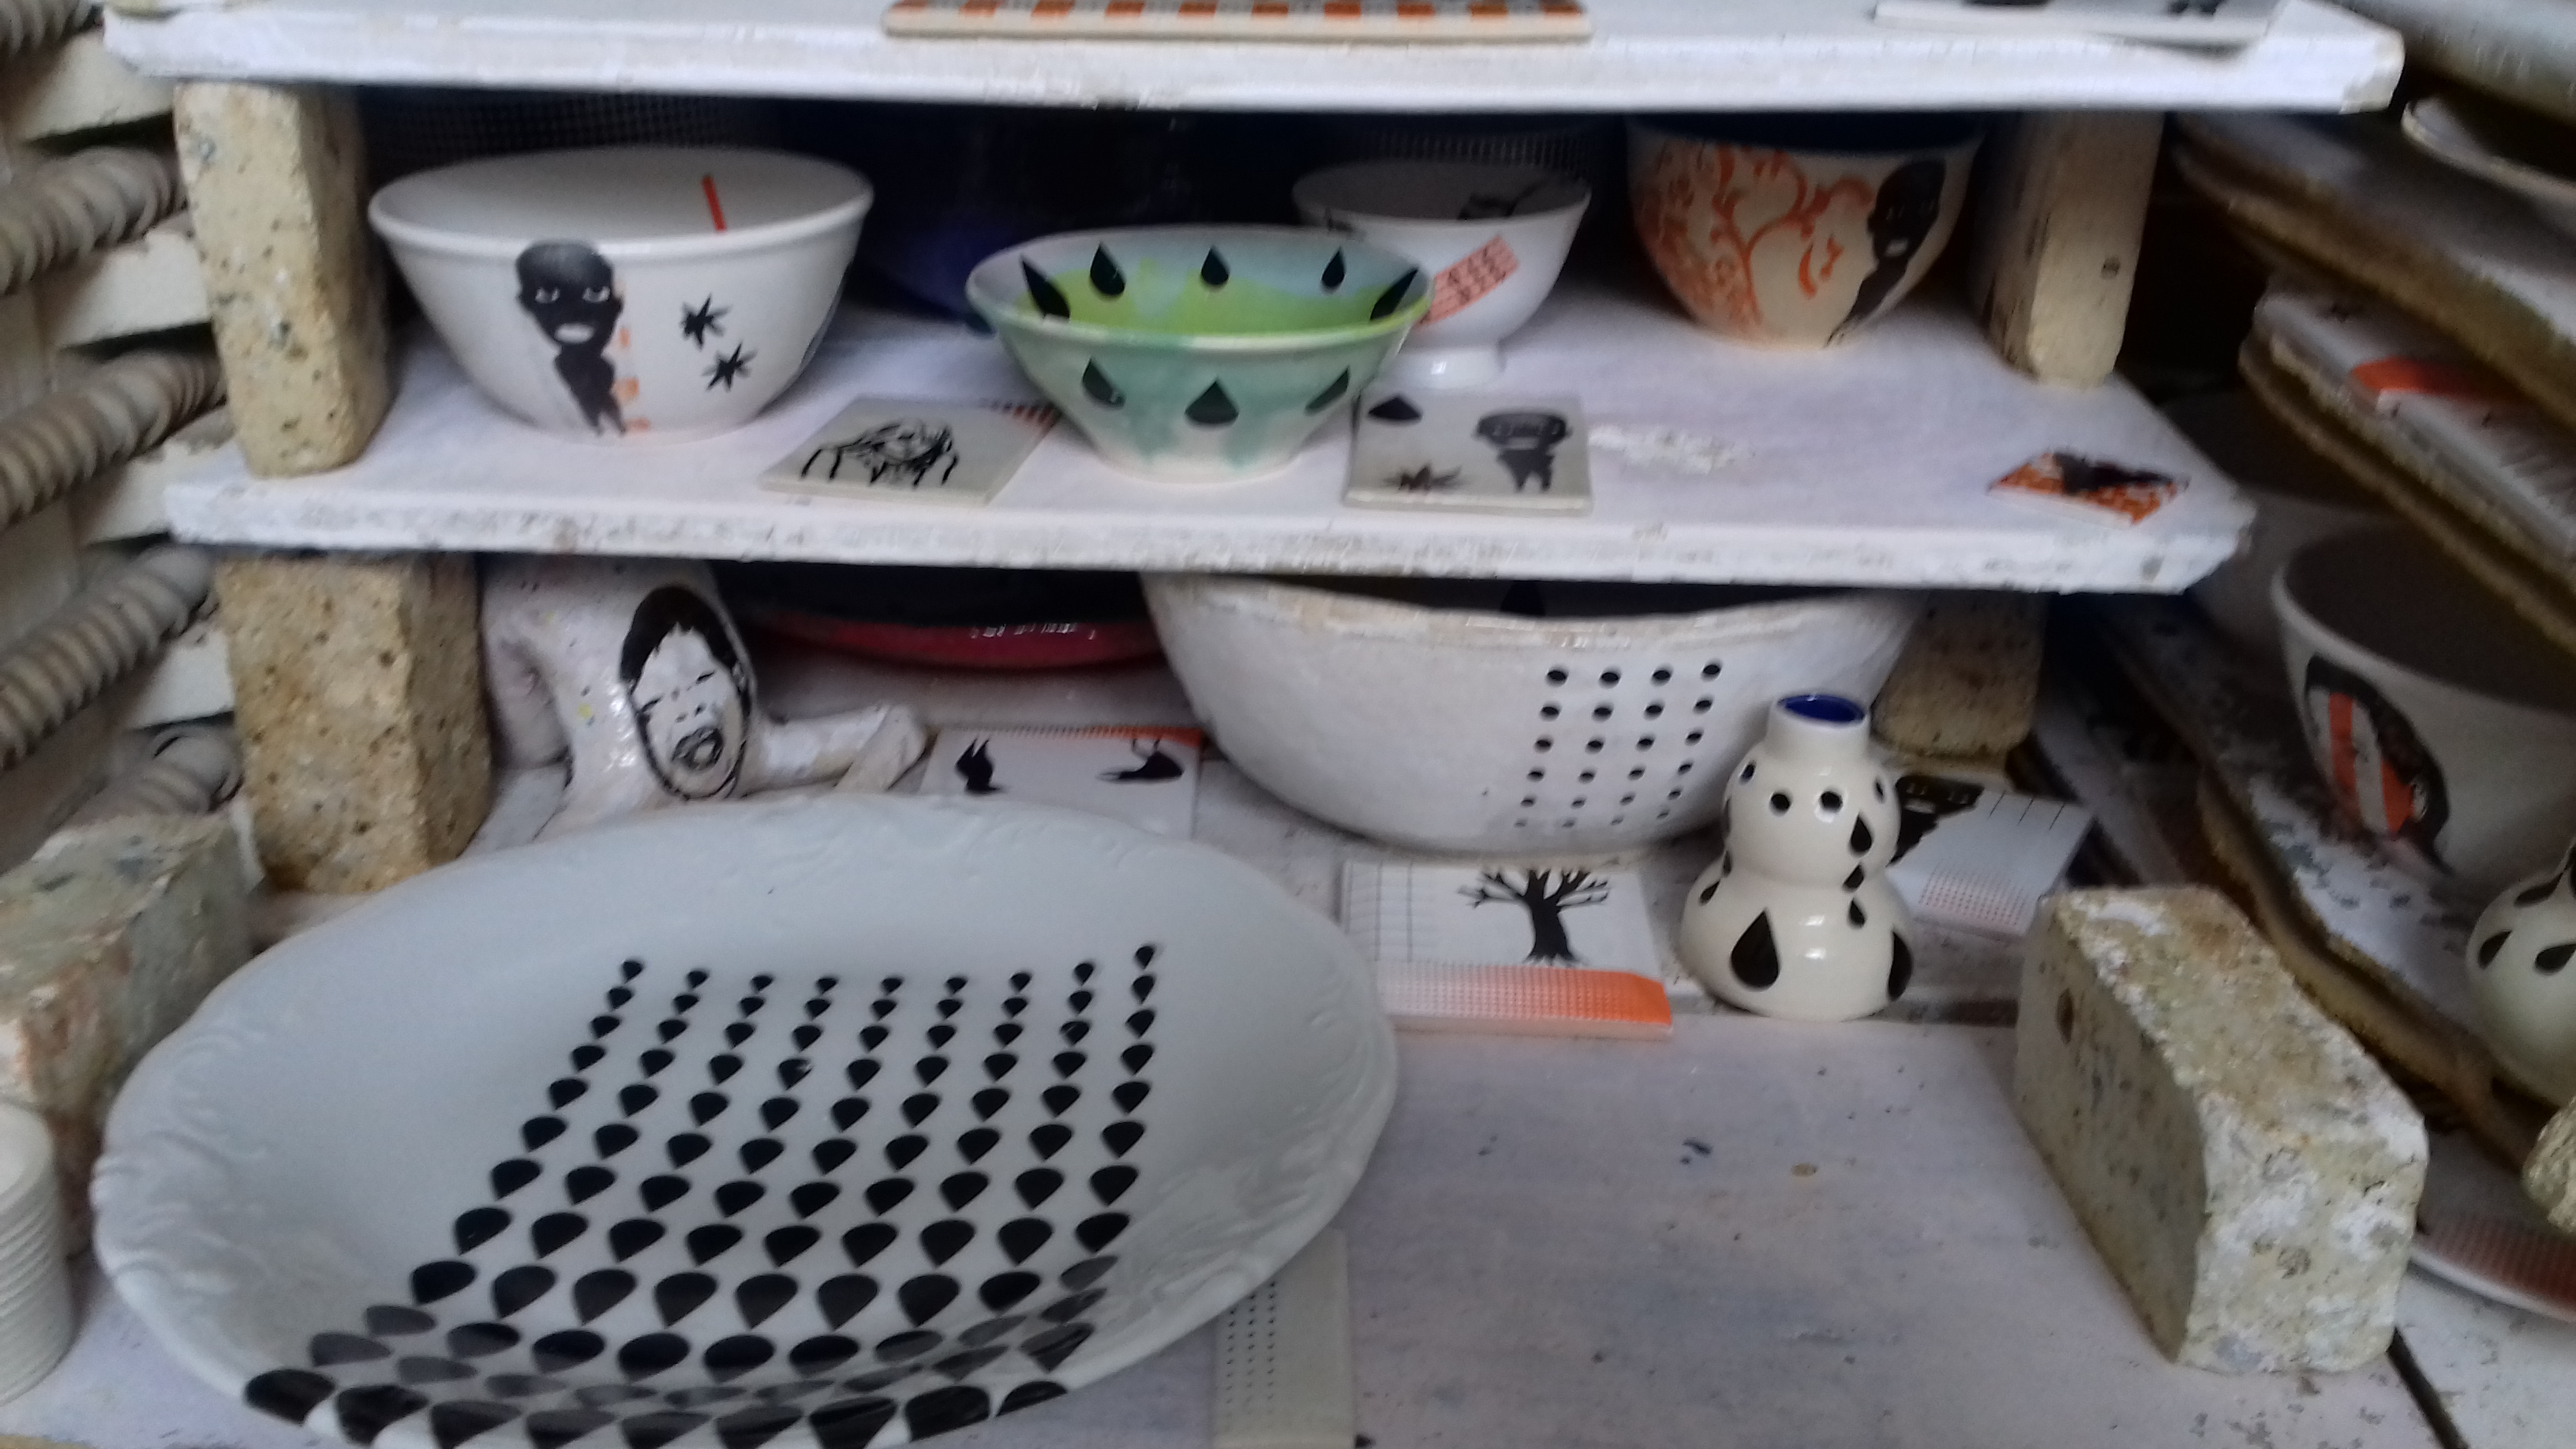 Naczynia z wzorami naniesionymi metodą kalkomanii w piecu ceramicznym